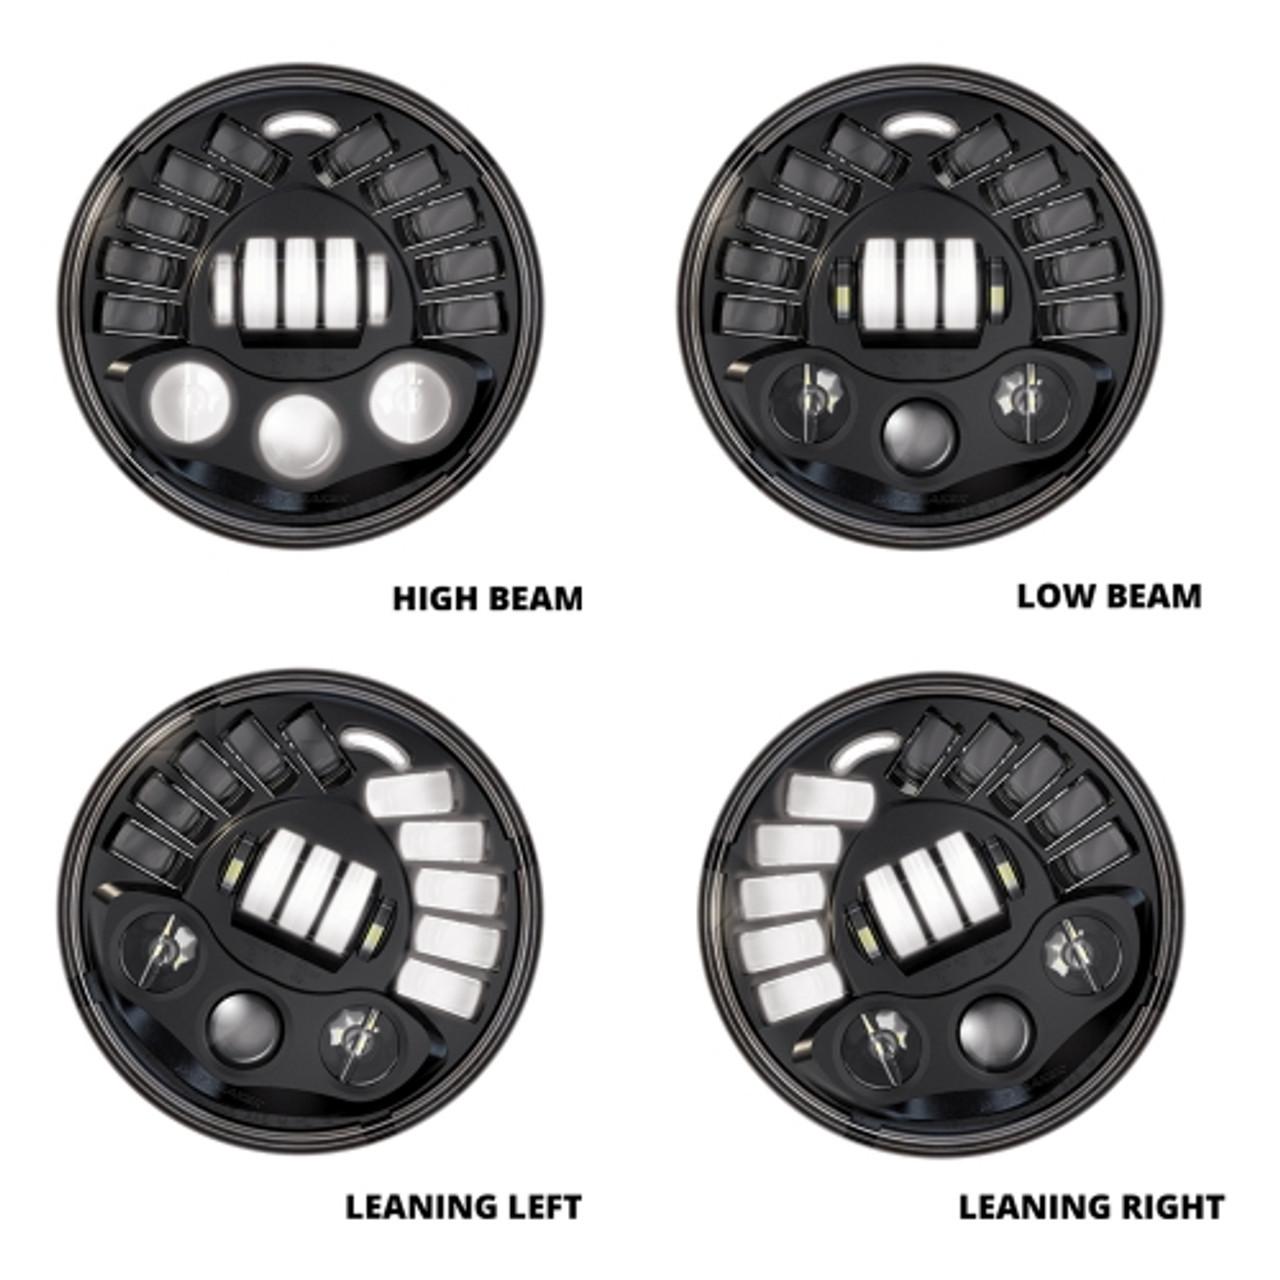 JW Speaker 3156351 Headlight Mount Ring for 8700 Evolution LED headlight